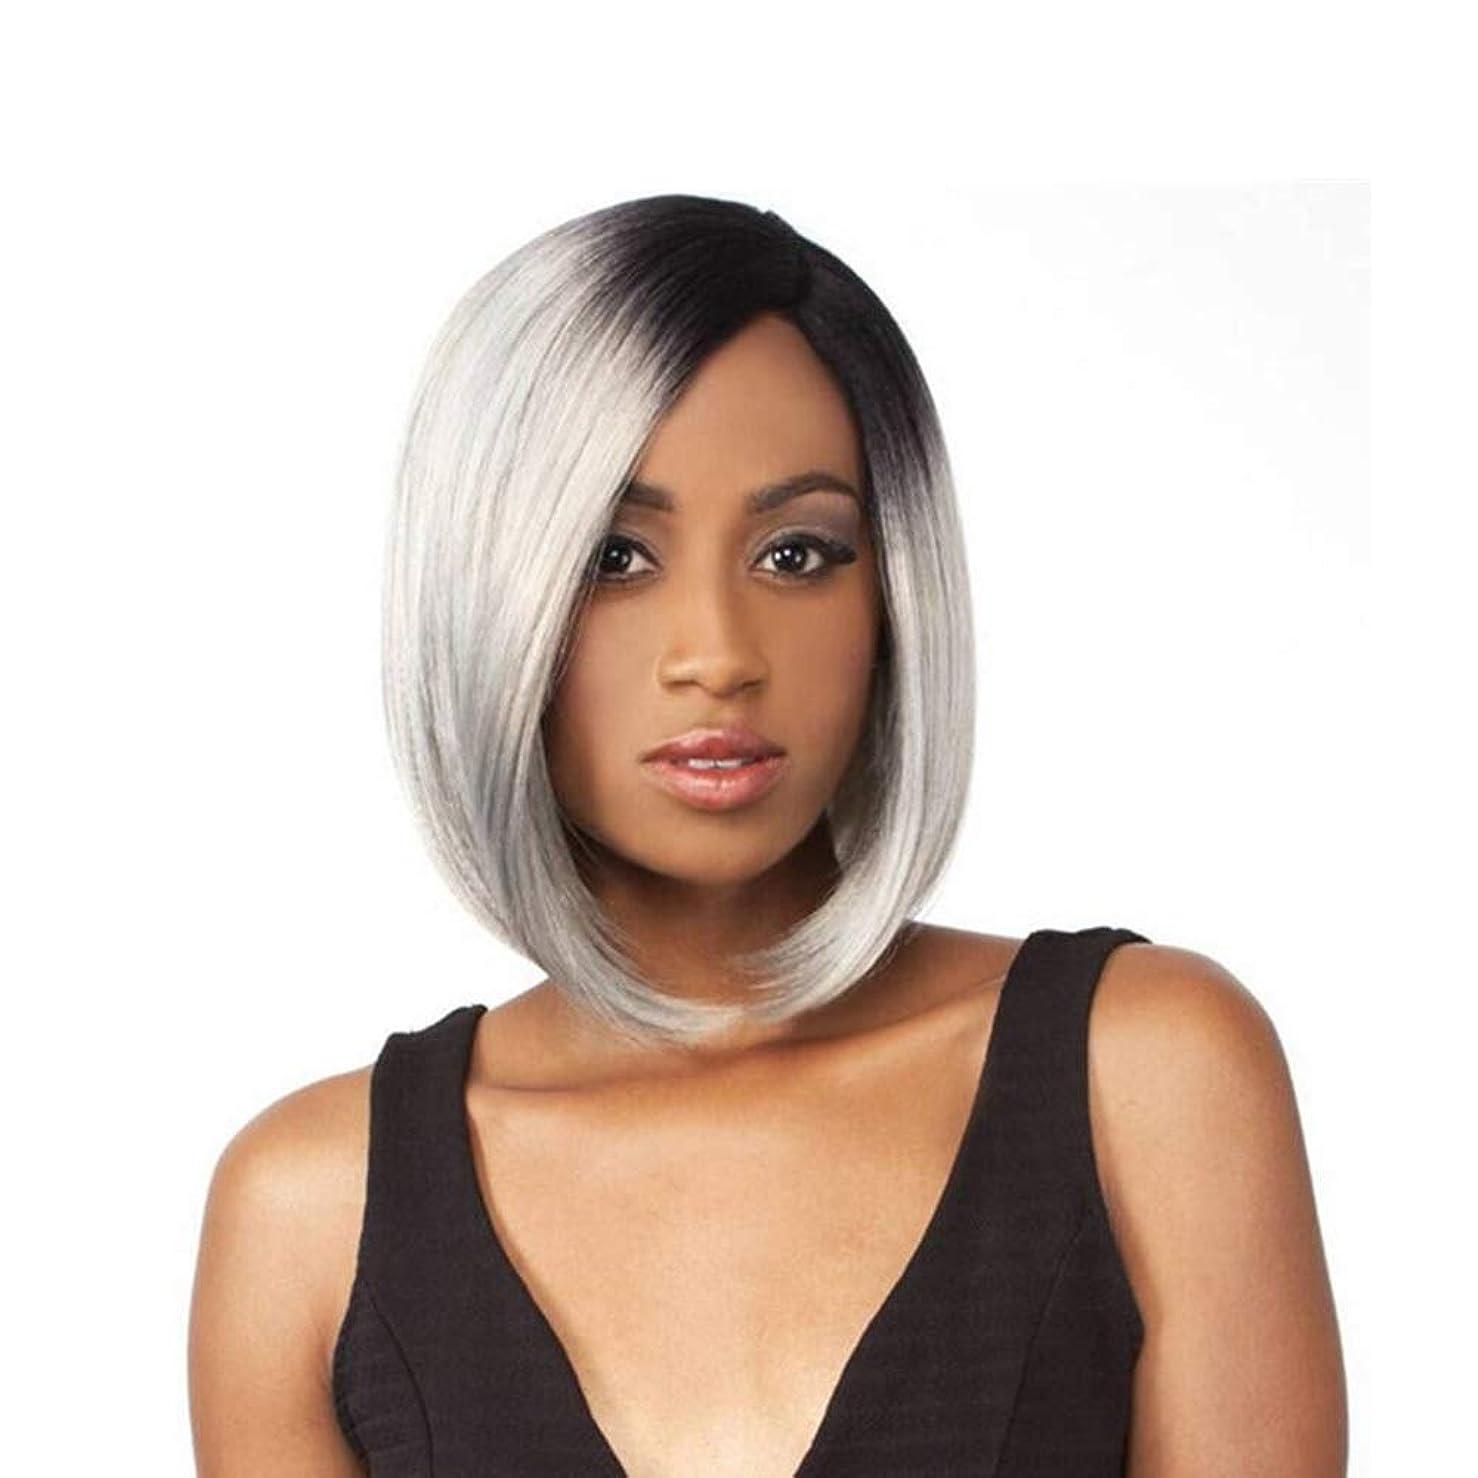 承知しました池ばかYrattary 女性の人工毛のためのフリーキャップ コスプレかつらと短いストレートシルバーグレーのかつら (色 : グレー)